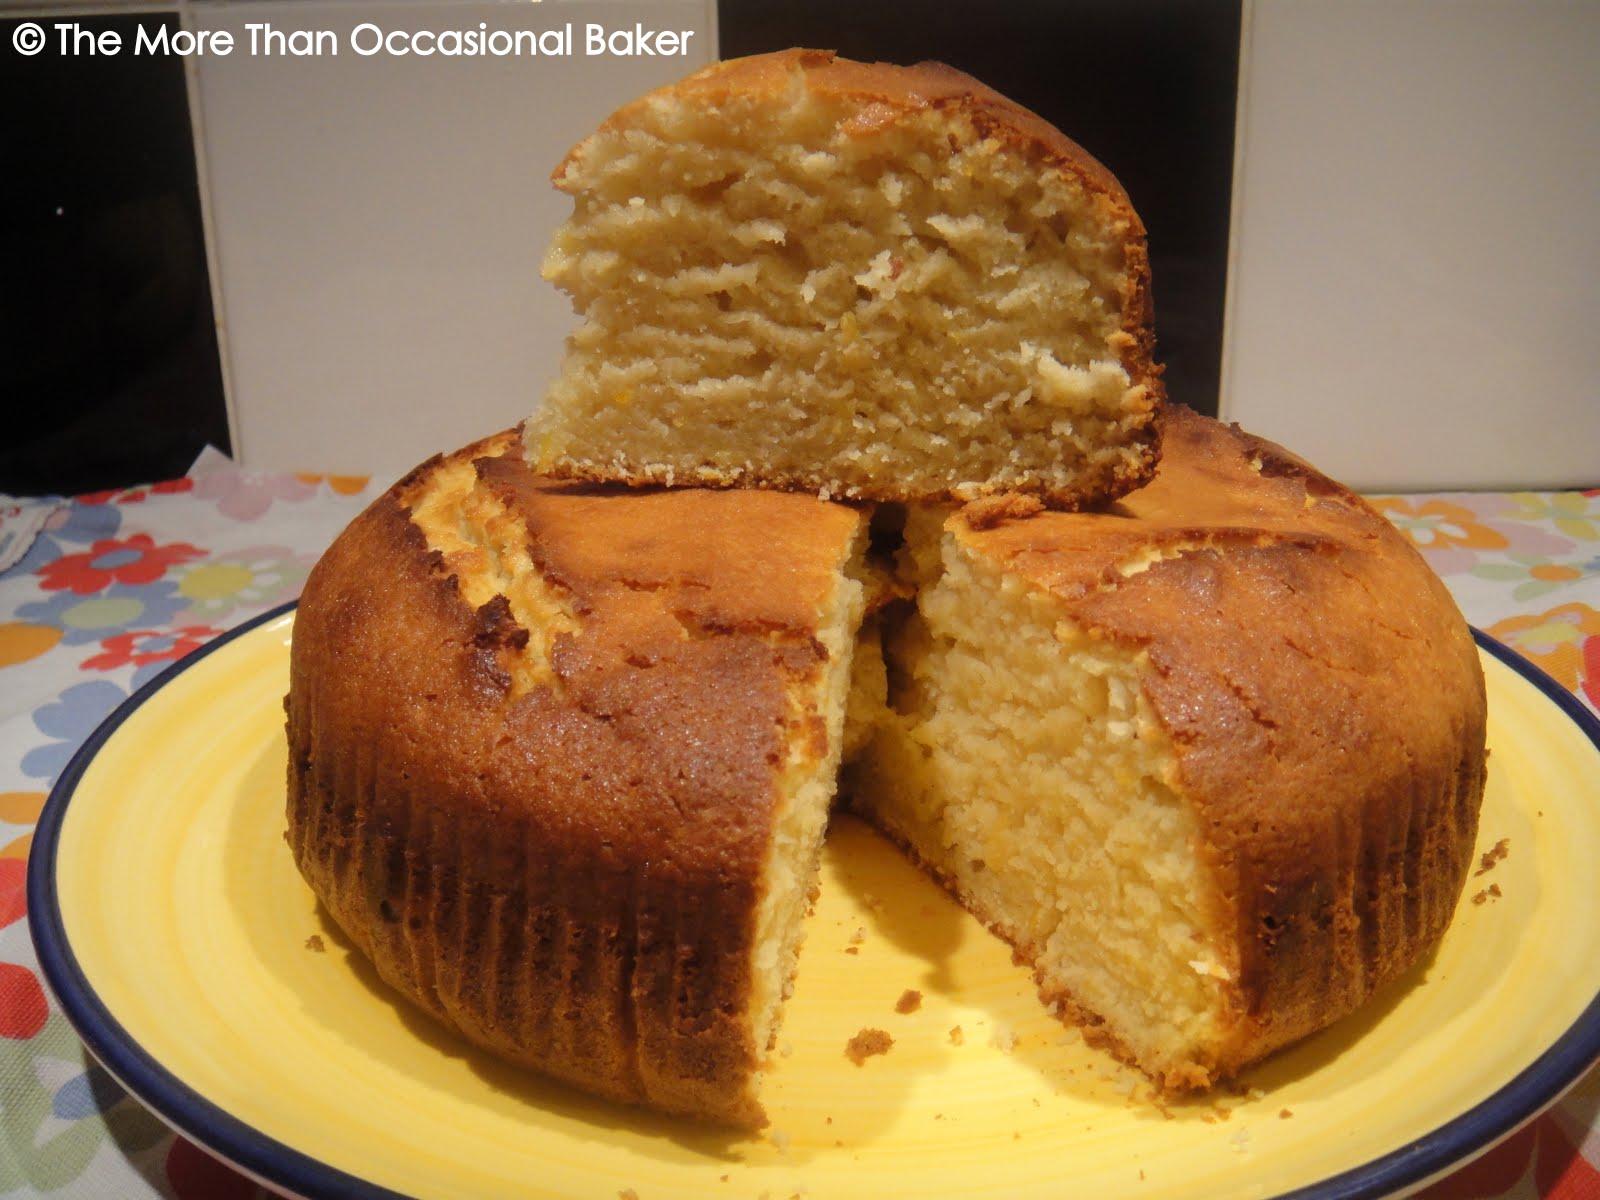 The more than occasional baker: Lemon Yoghurt Cake